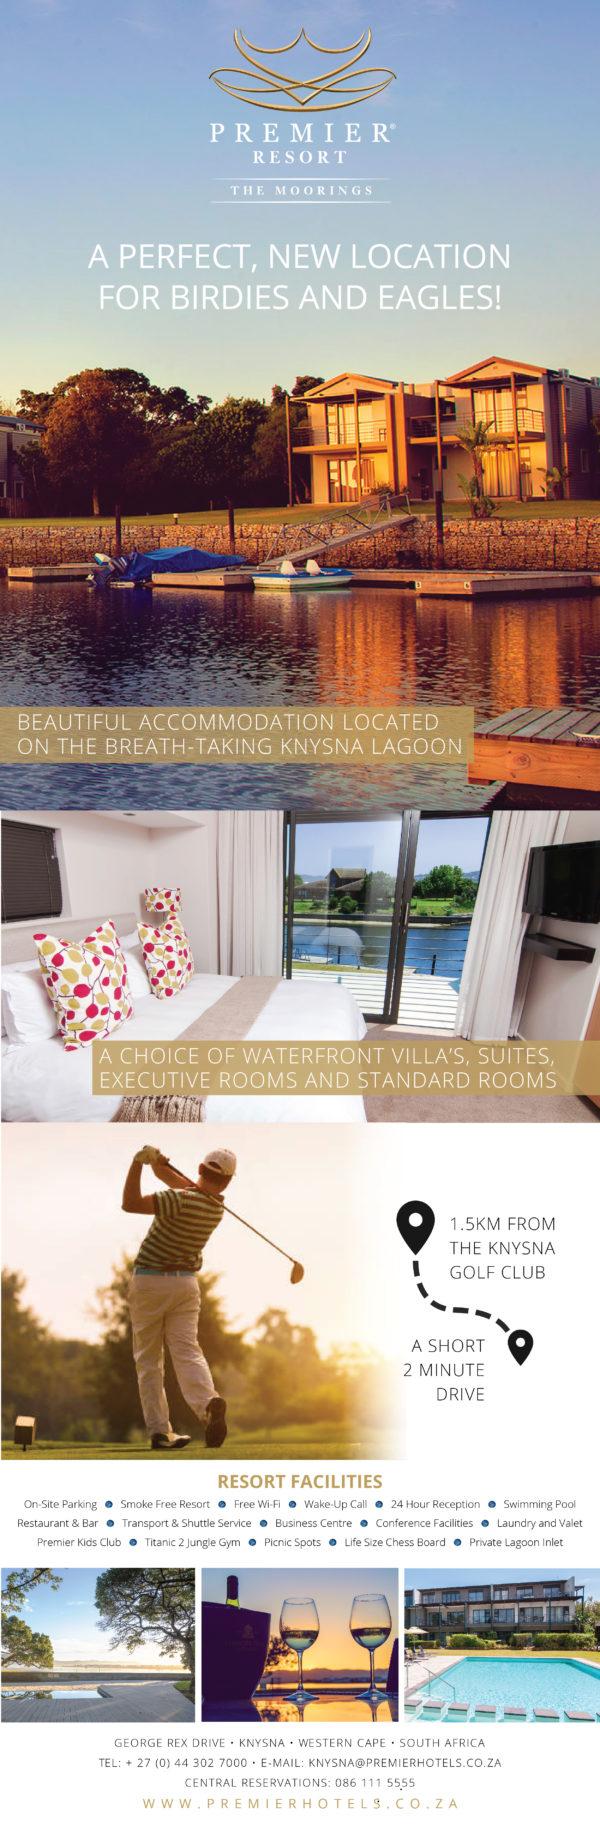 600px width Premier Resort Knysna_Golf-01